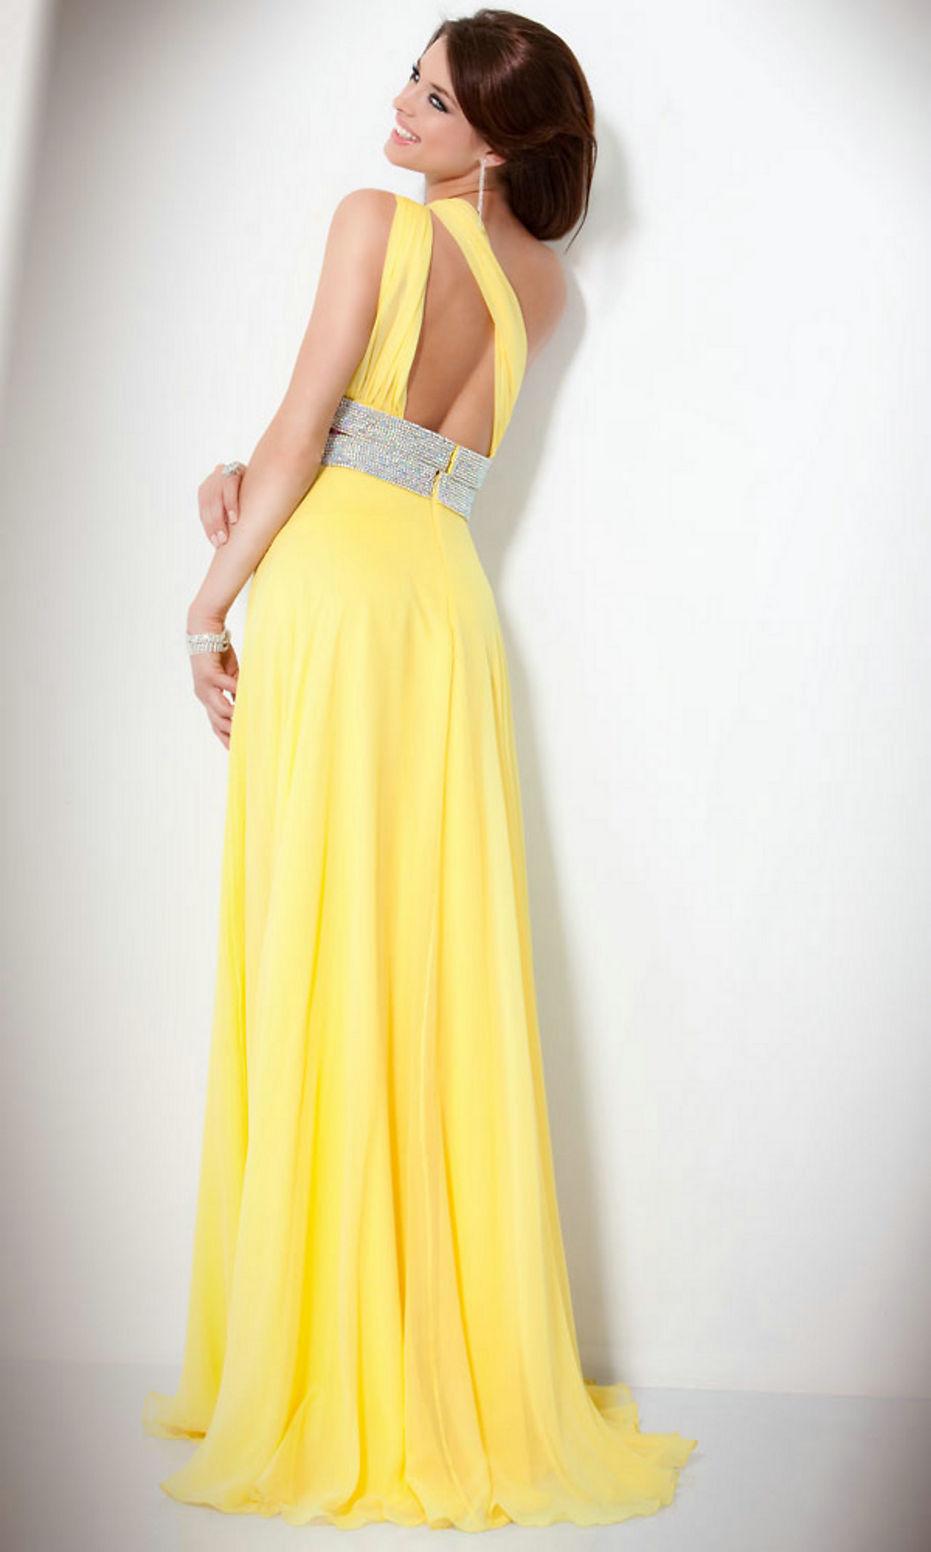 Греческое платье своими руками с открытой спиной